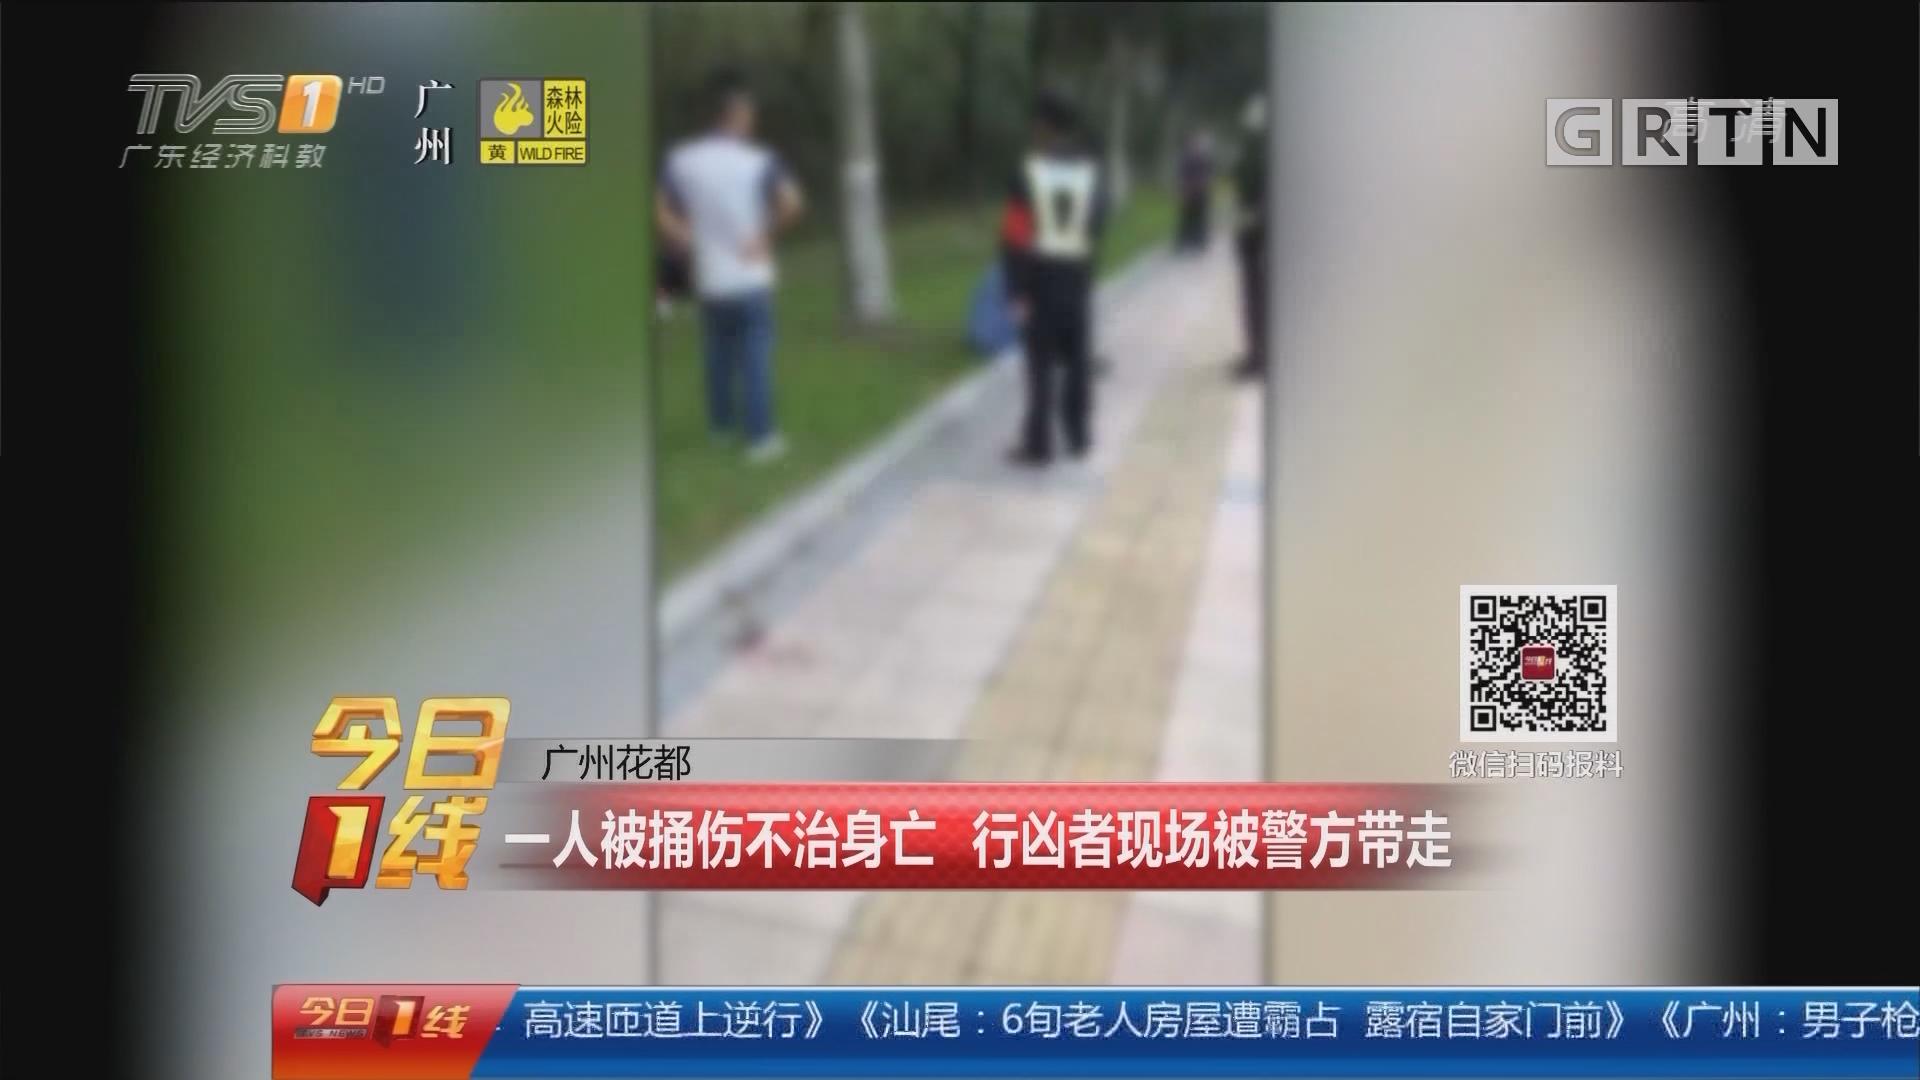 广州花都:一人被捅伤不治身亡 行凶者现场被警方带走